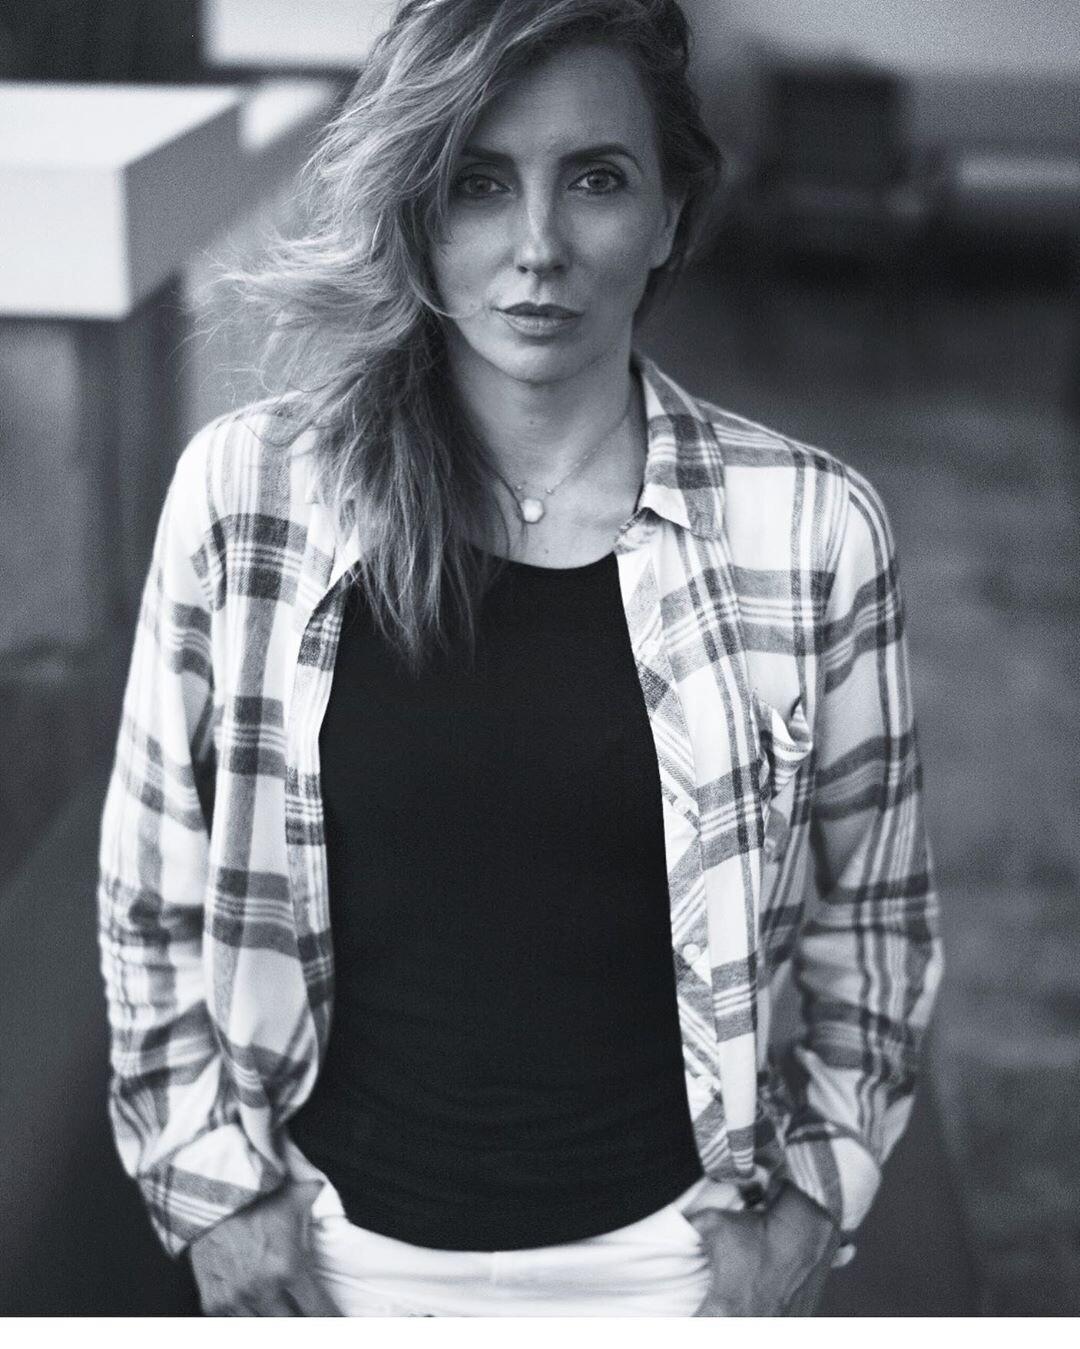 «Пятый элемент»: Светлана Бондарчук поделилась фото, накотором она целует неизвестного мужчину